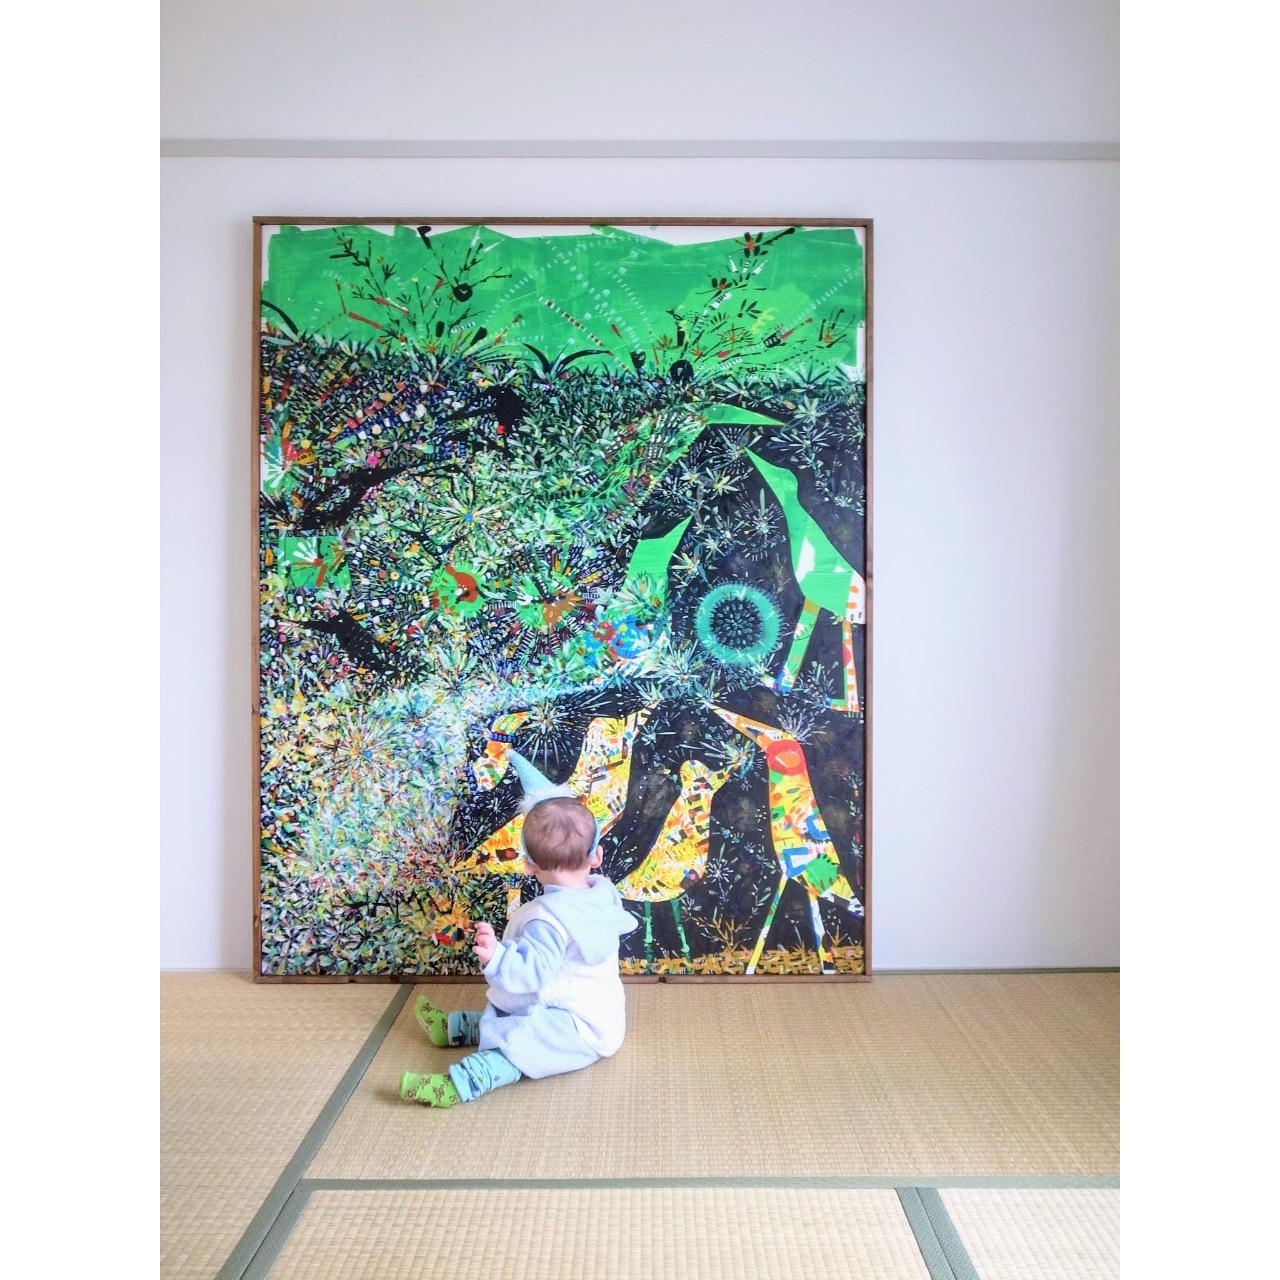 絵の楽しみ方 vol.2 -赤ちゃんと絵-